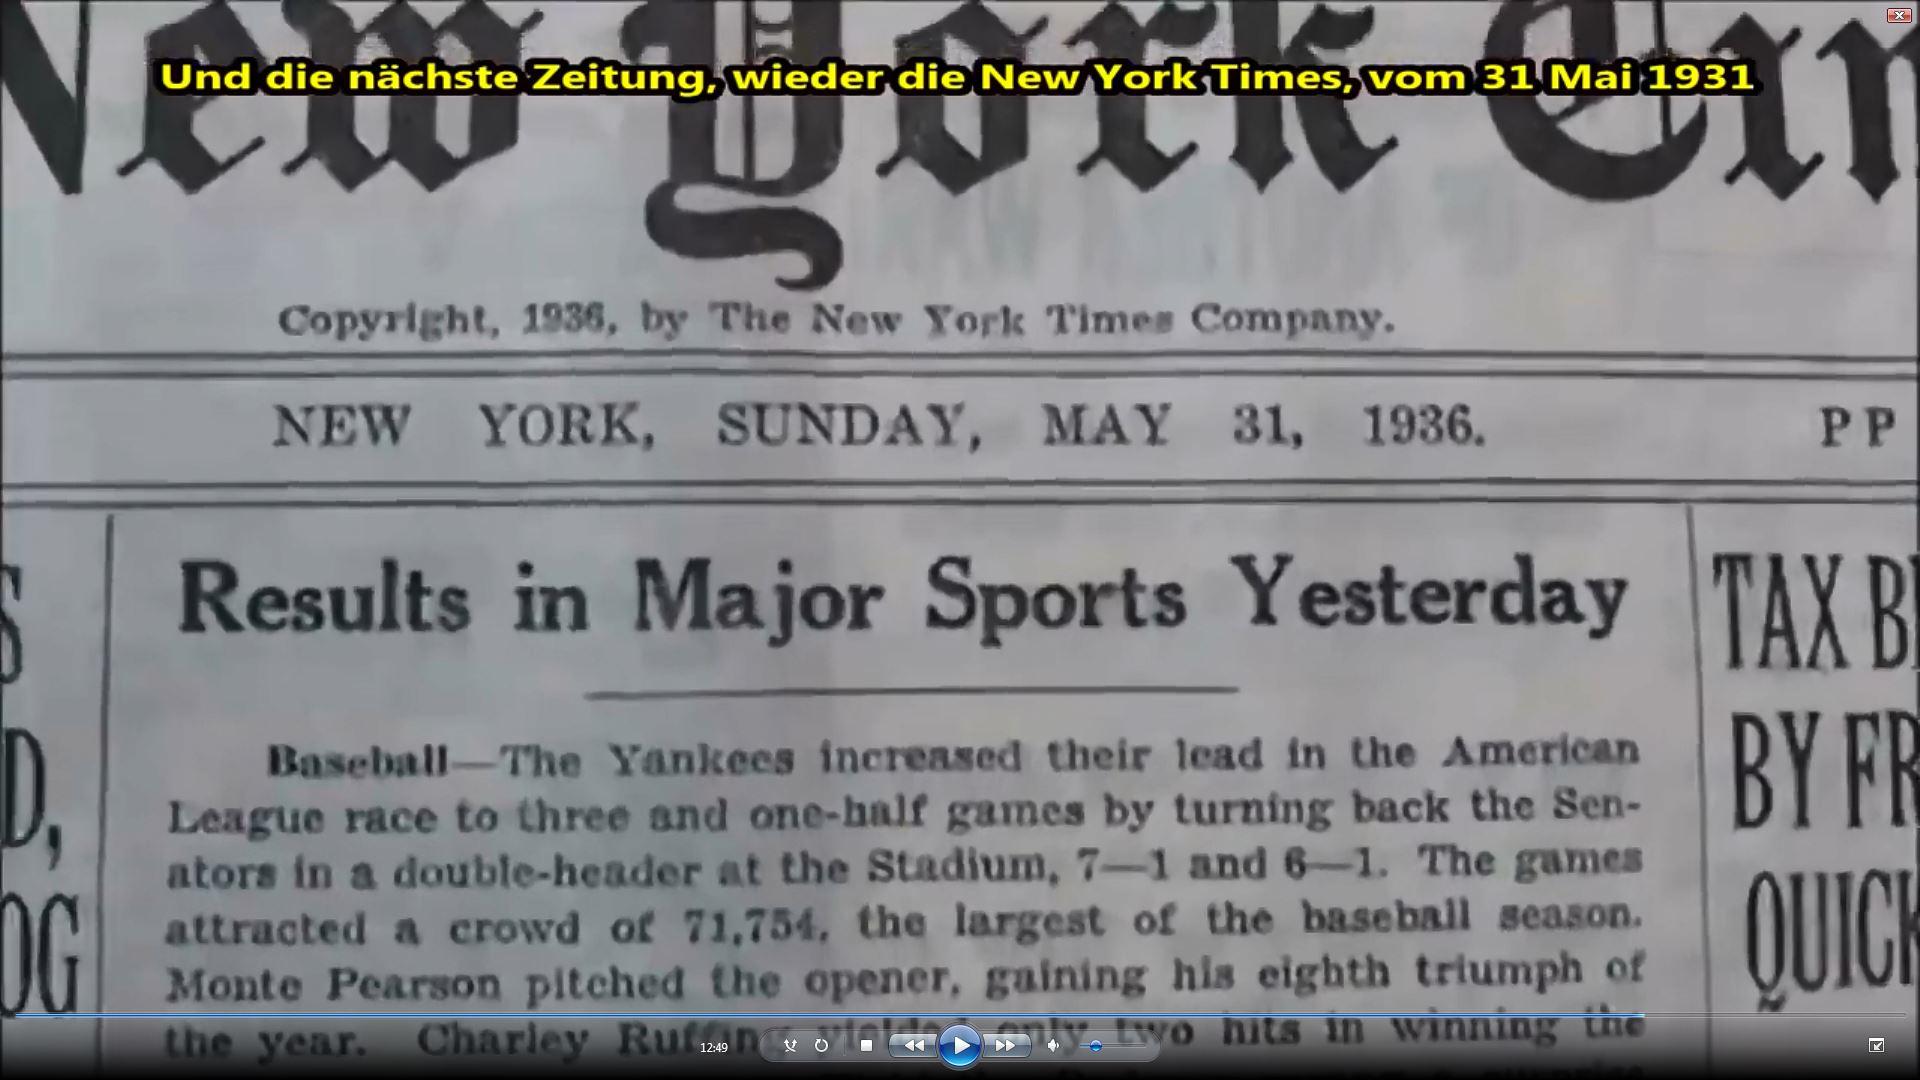 1936-05-31 NYT 01